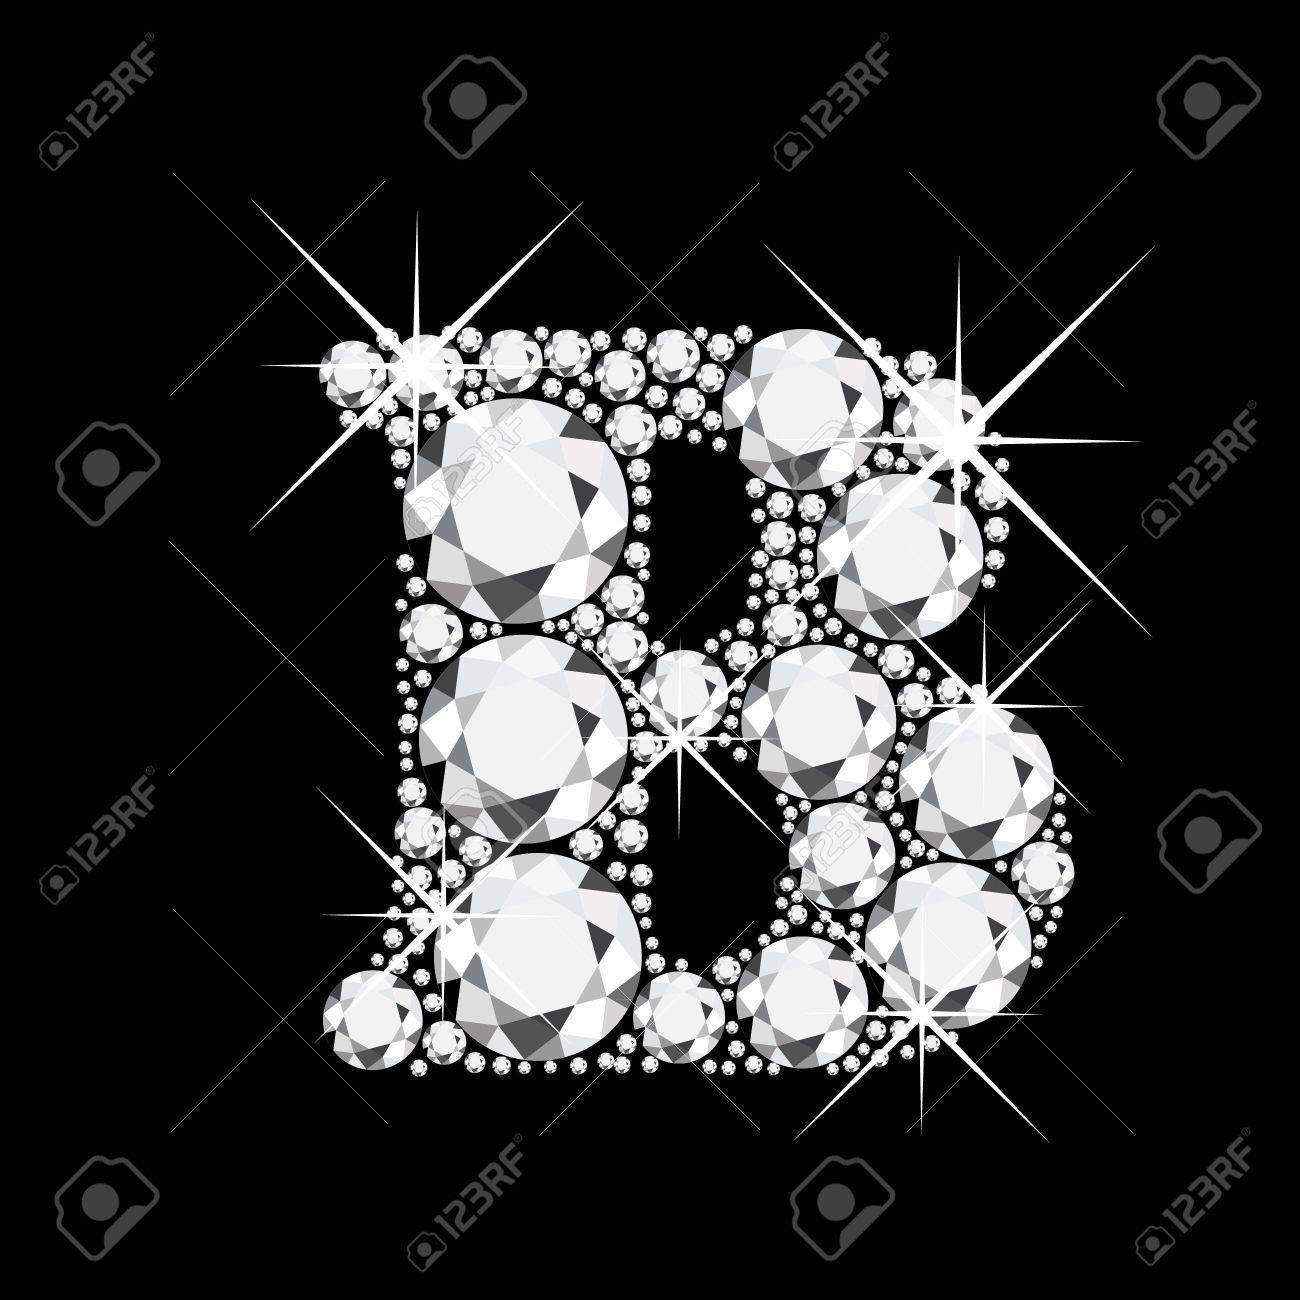 B Letter In Diamond B letter with diamonds bling